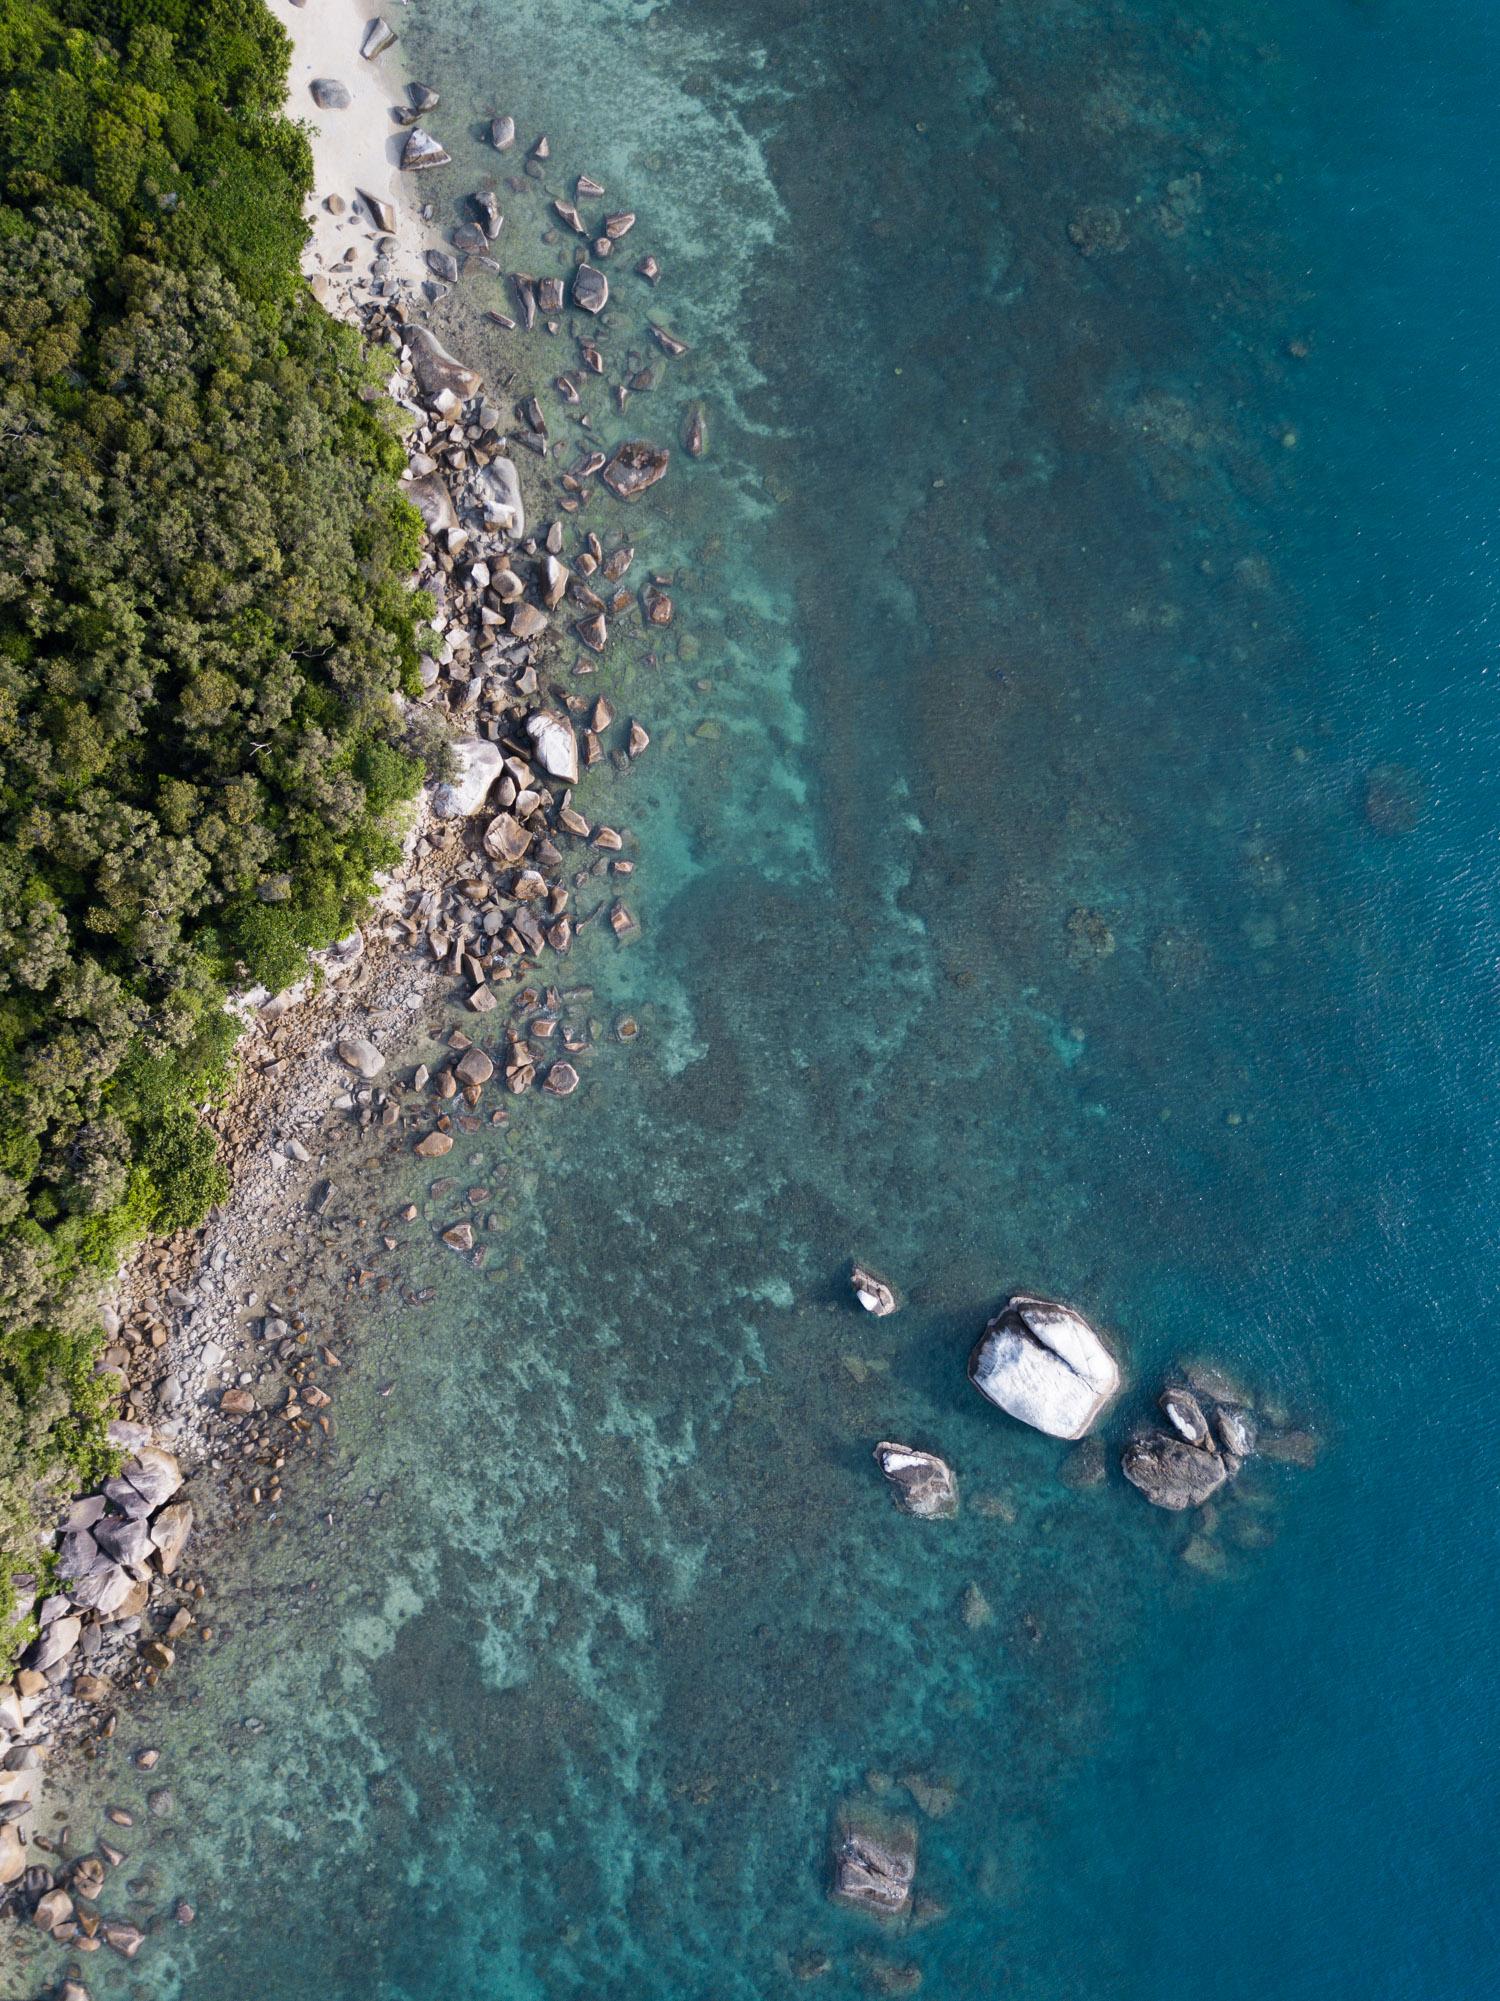 Fitzroy Island Birds Eye Aerial